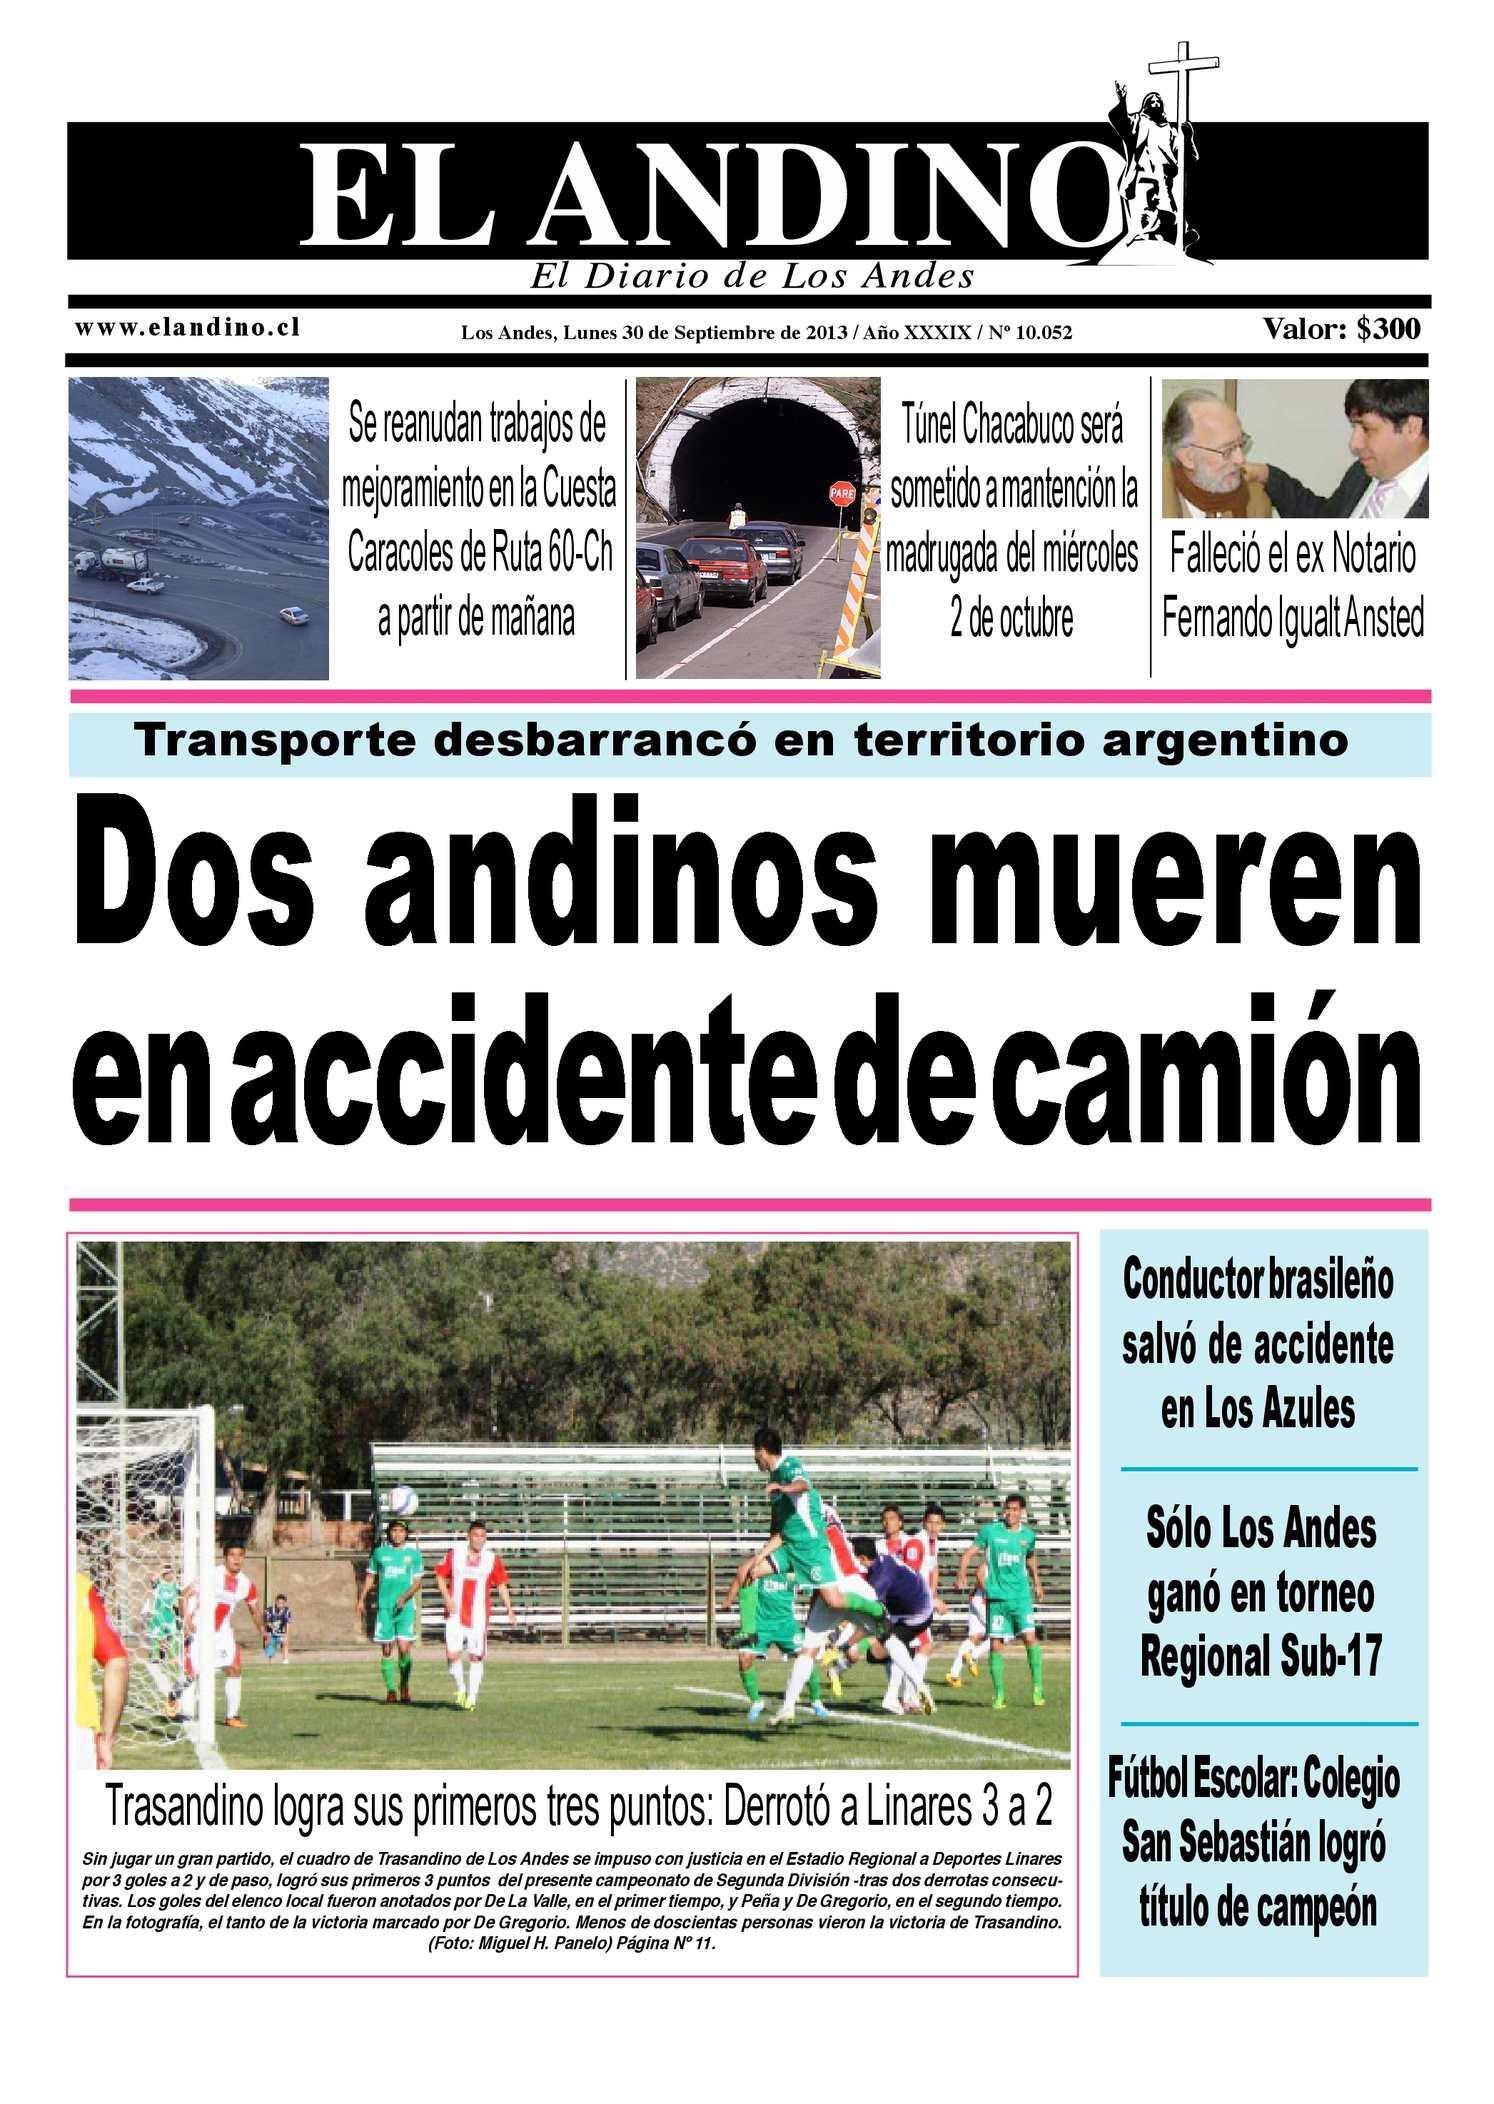 Calaméo - Diario El Andino - Lunes 30 de Septiembre de 2013